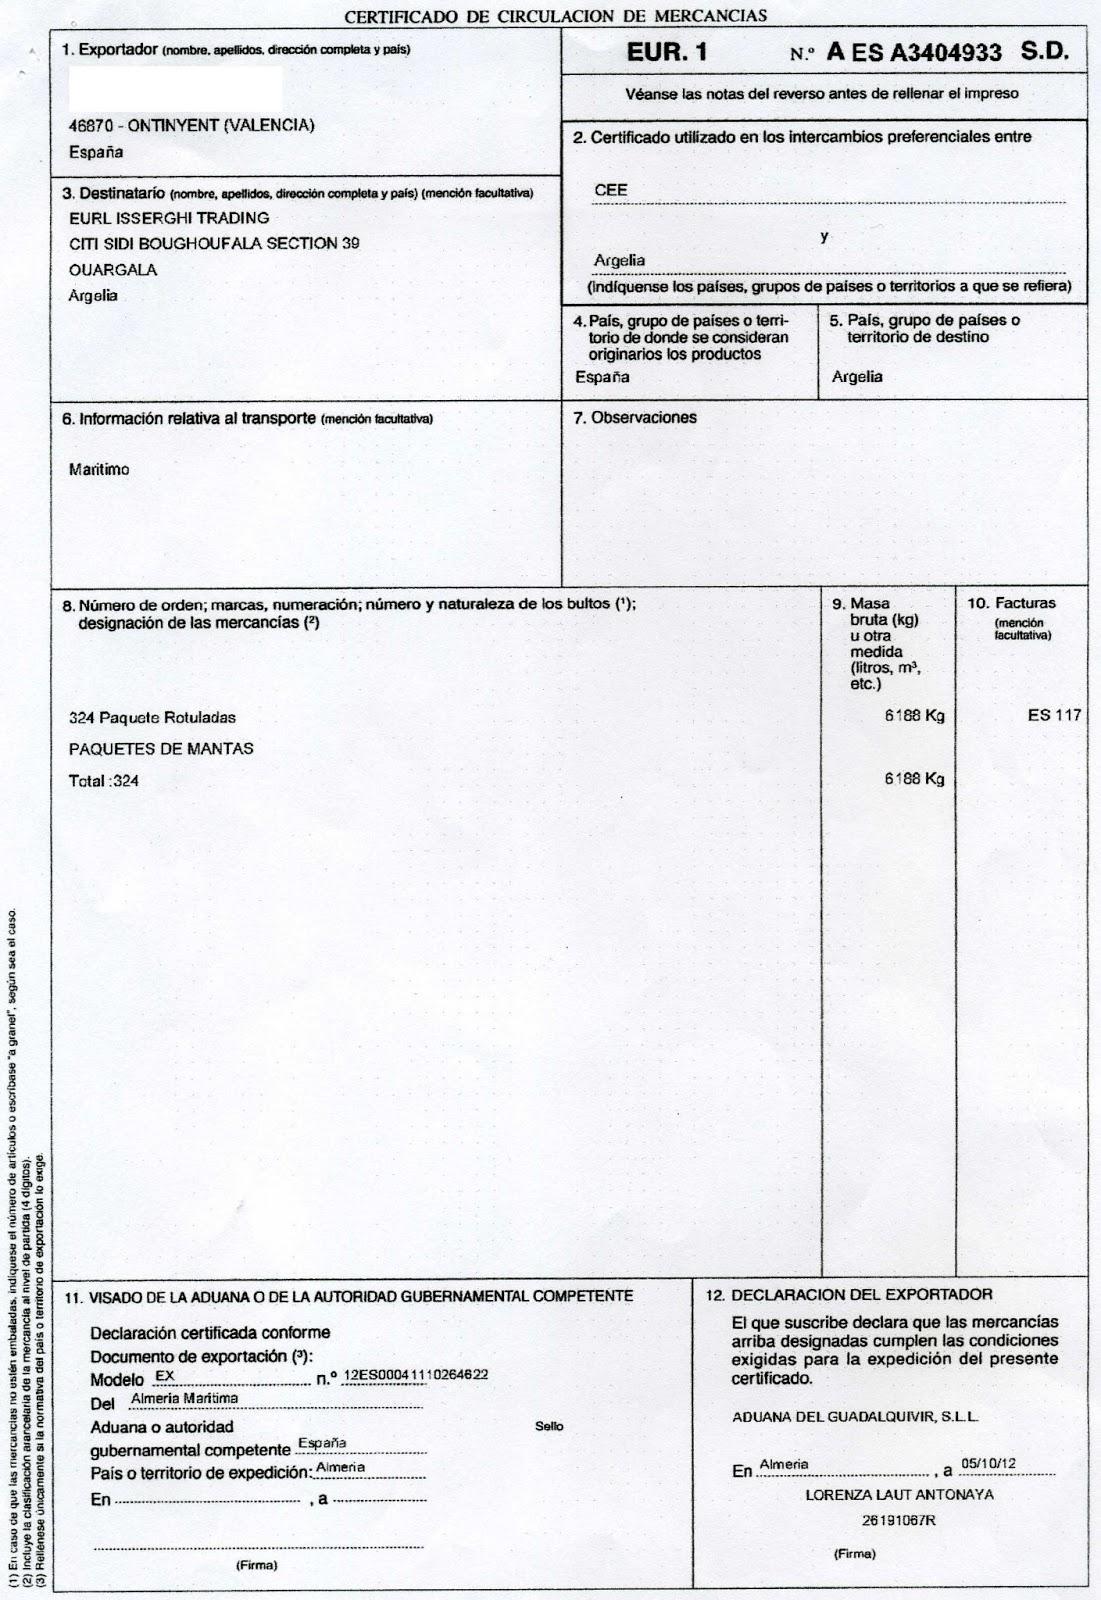 Documentos Comercio Internacional Certificado De Origen Eur1